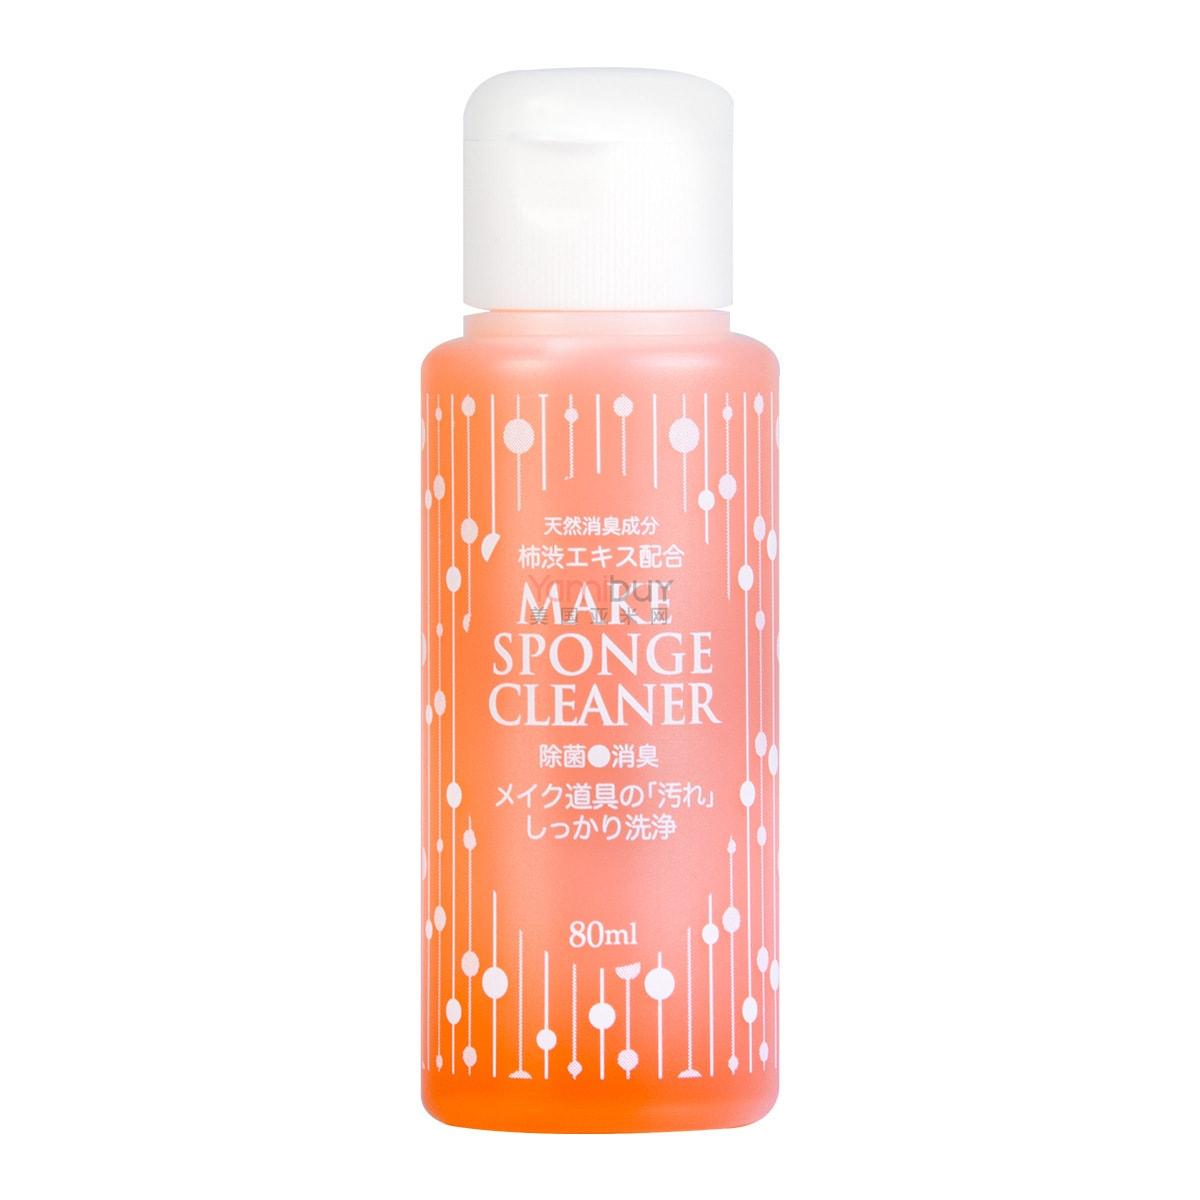 日本LYON PLANNING 粉扑海绵化妆刷清洗液 80ml